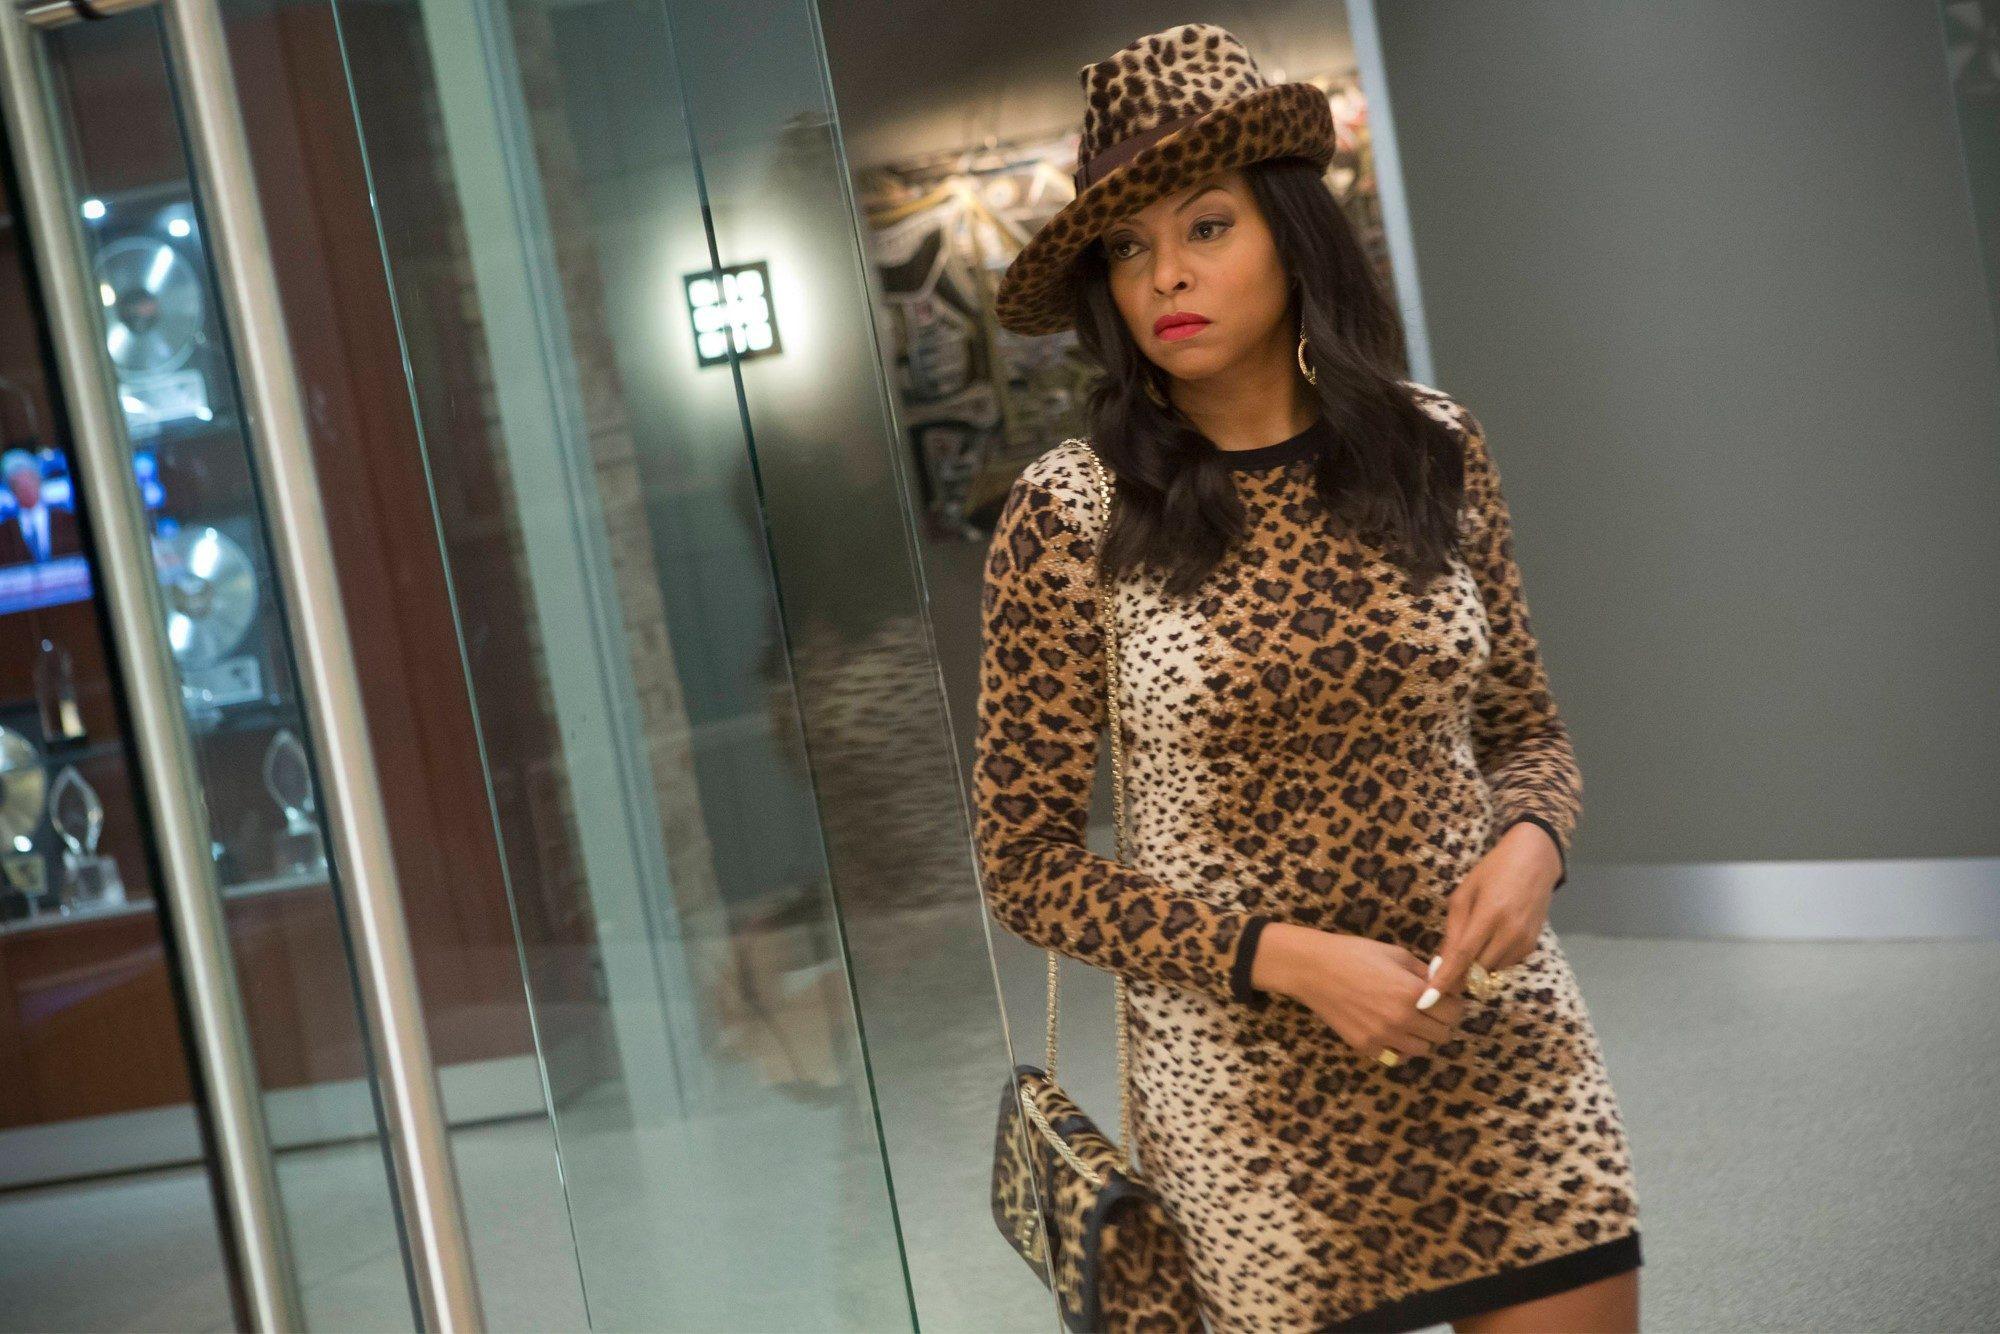 cookie lyon fashion leopard print